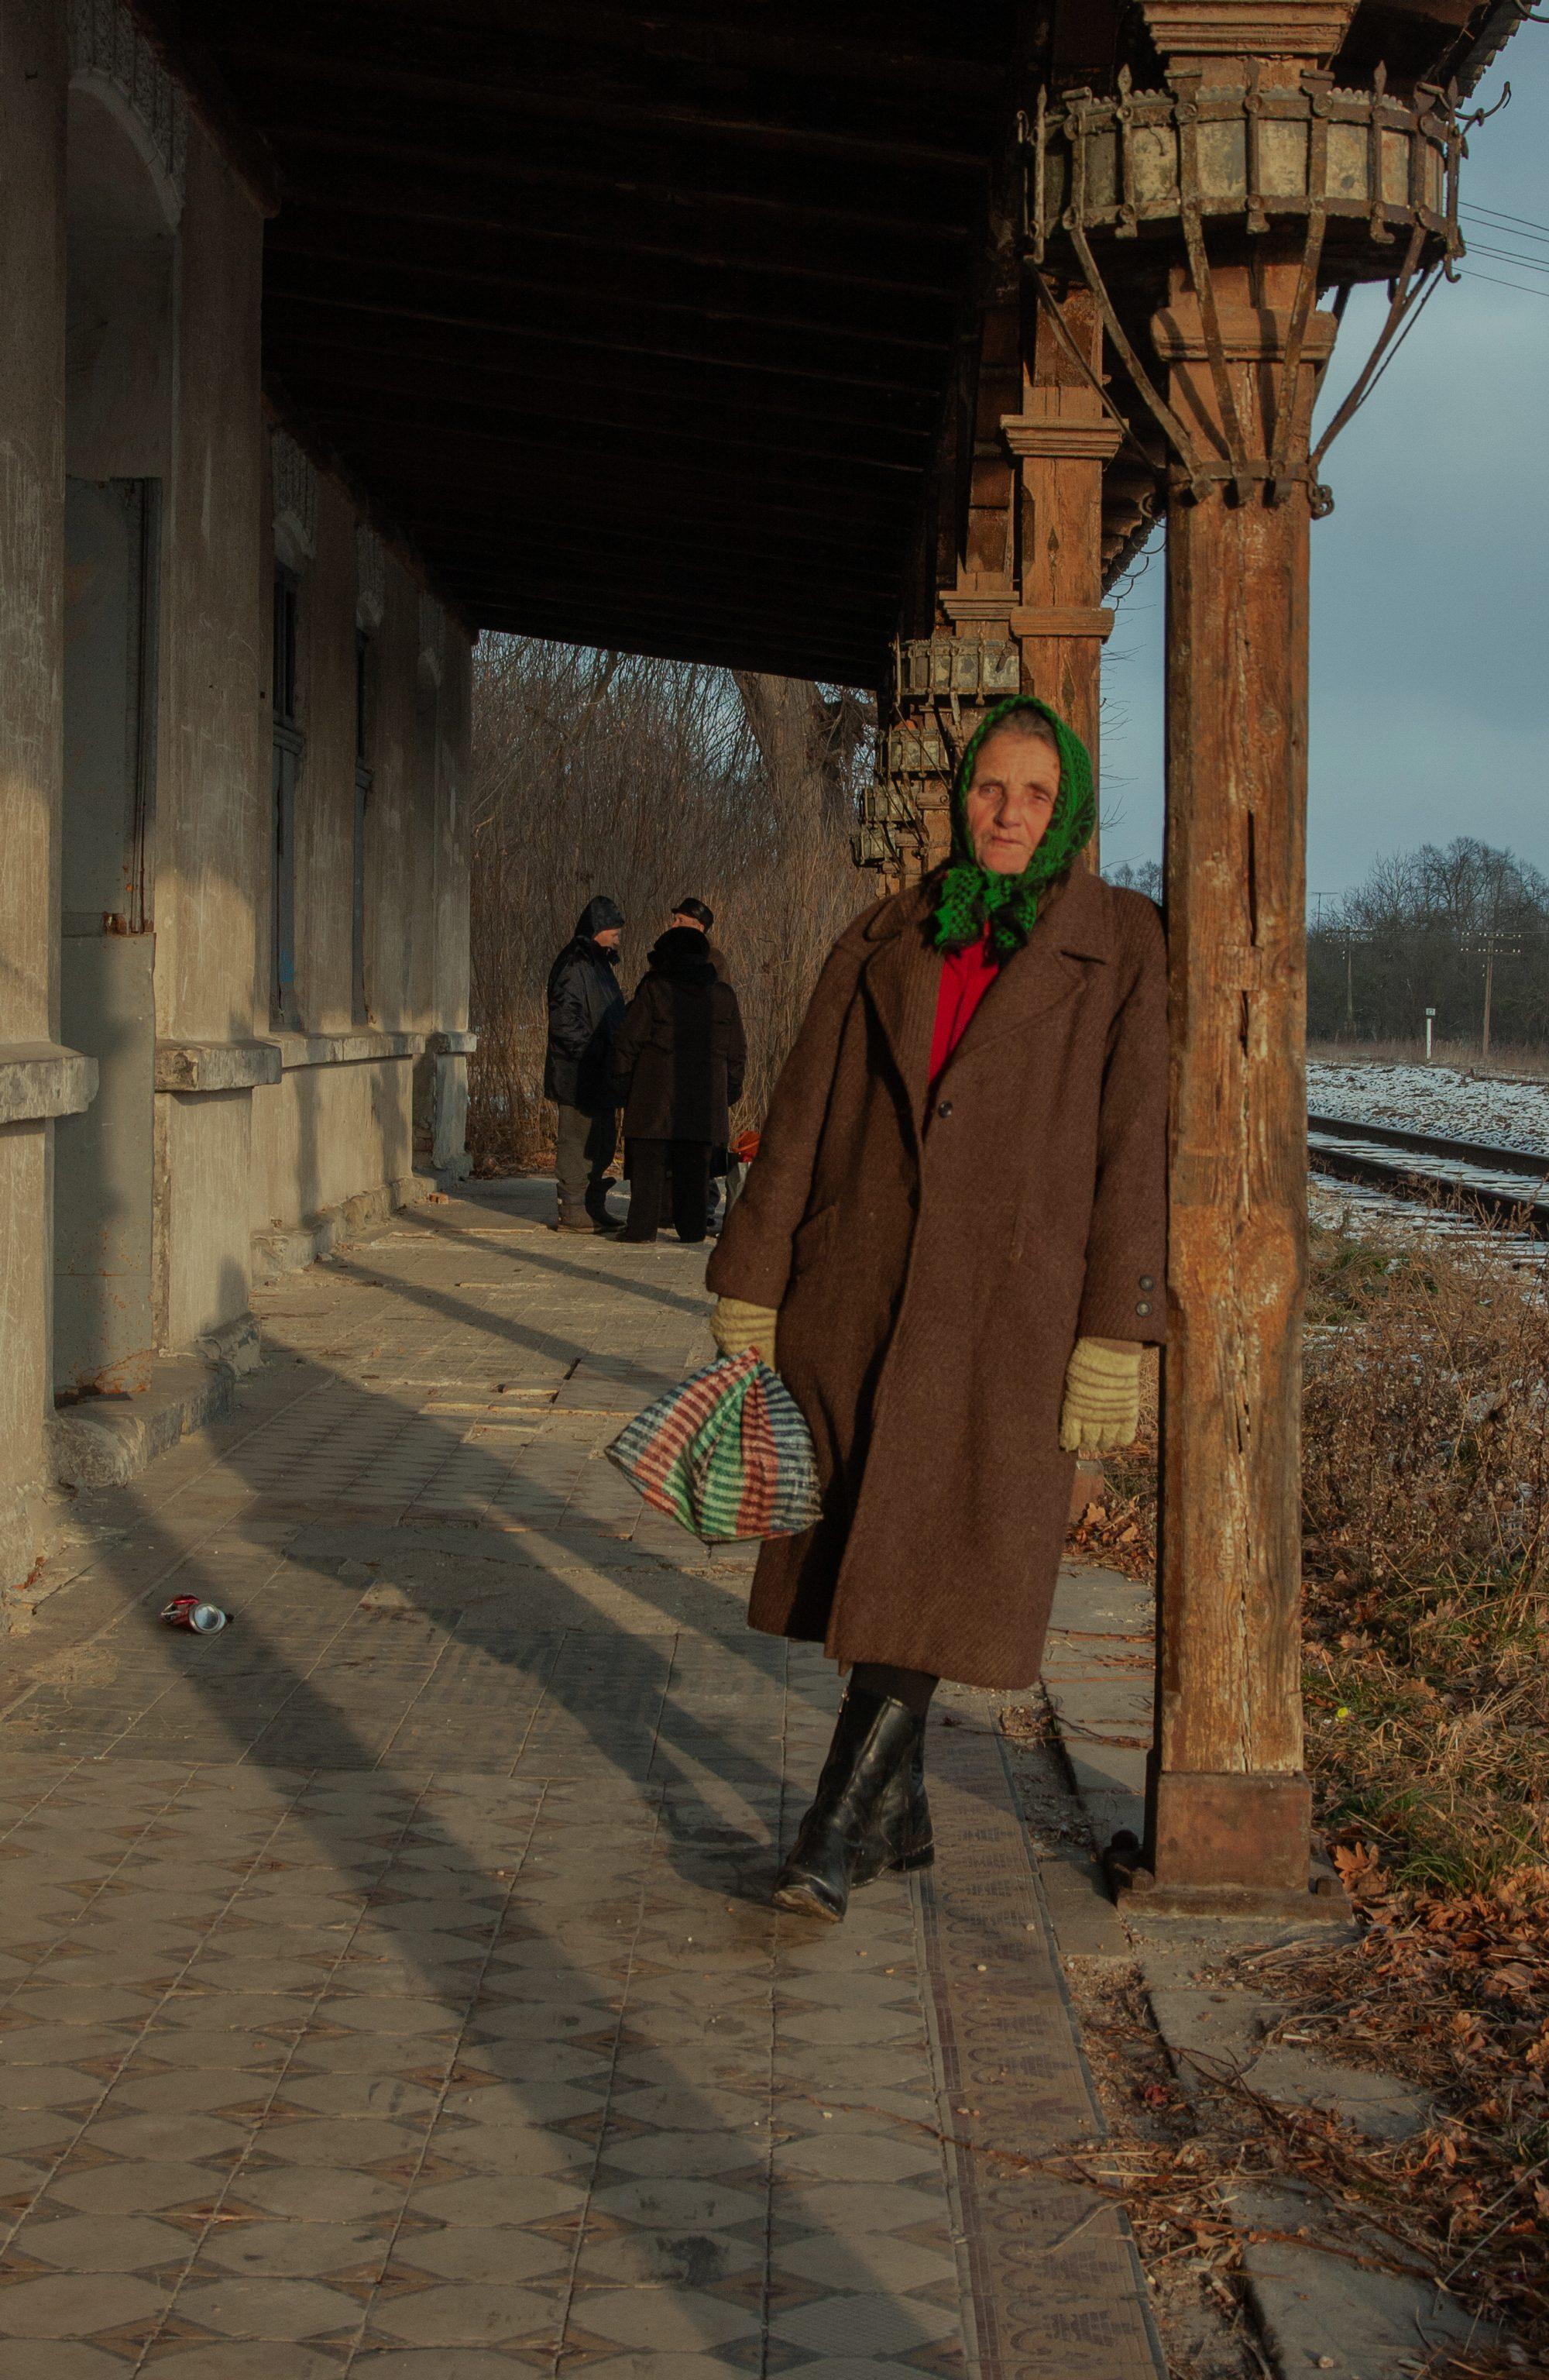 Візуальна історія Заборони про частину Першої угорсько-галицької залізниці, яка нікому не приносить користі